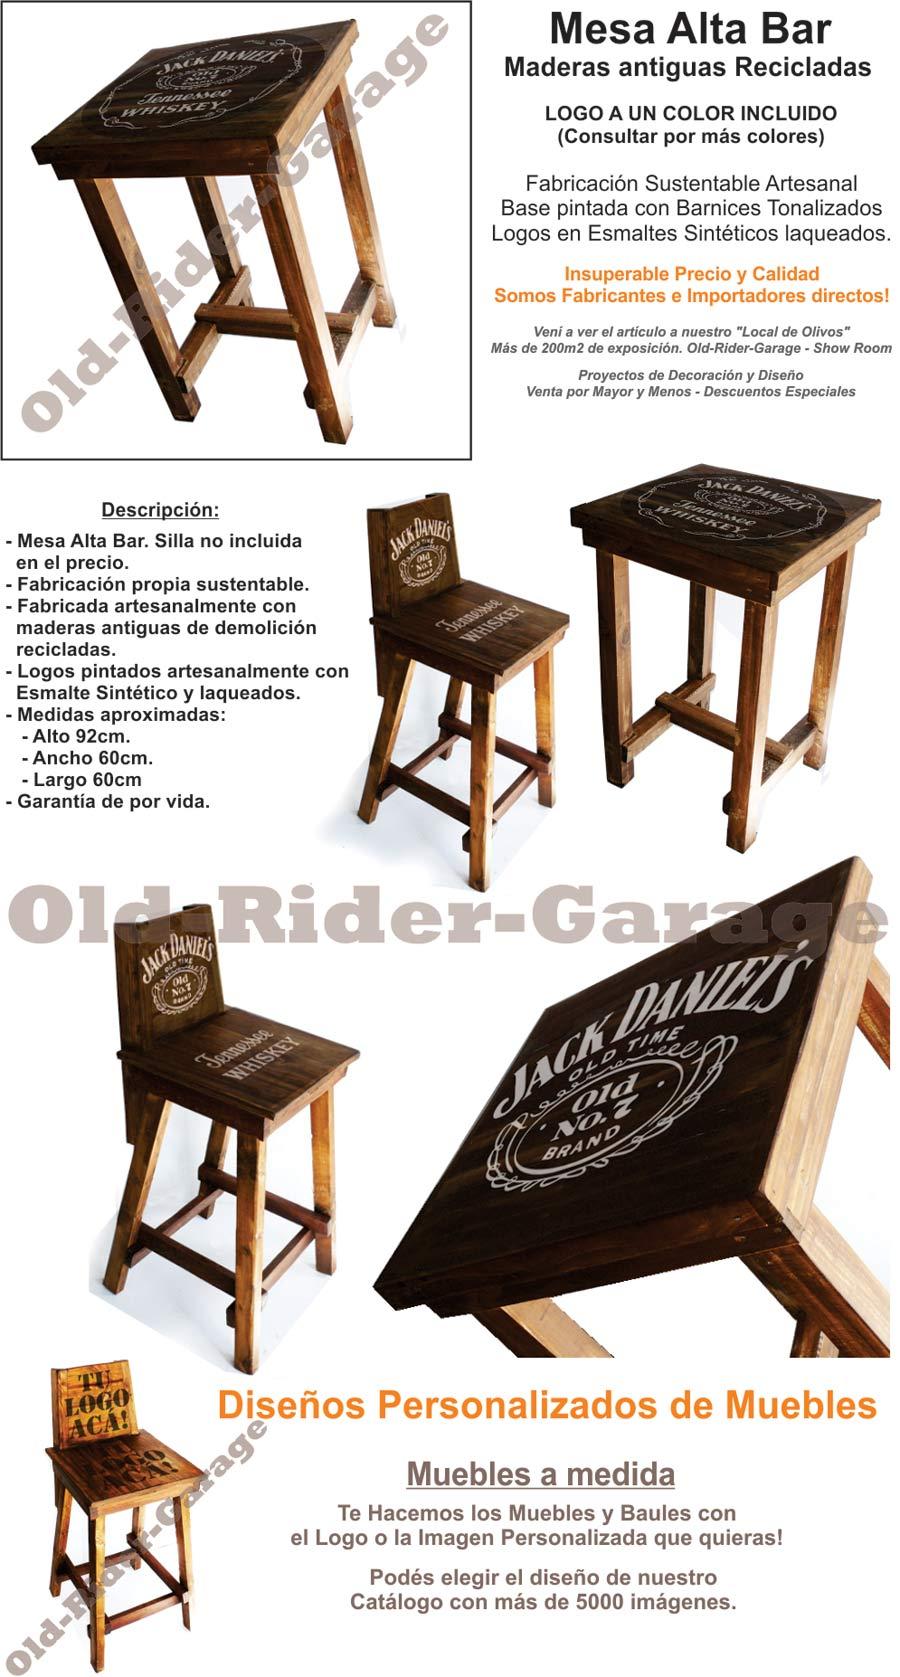 Mesa alta bar madera antigua reciclada jack daniels for Mesa alta madera bar